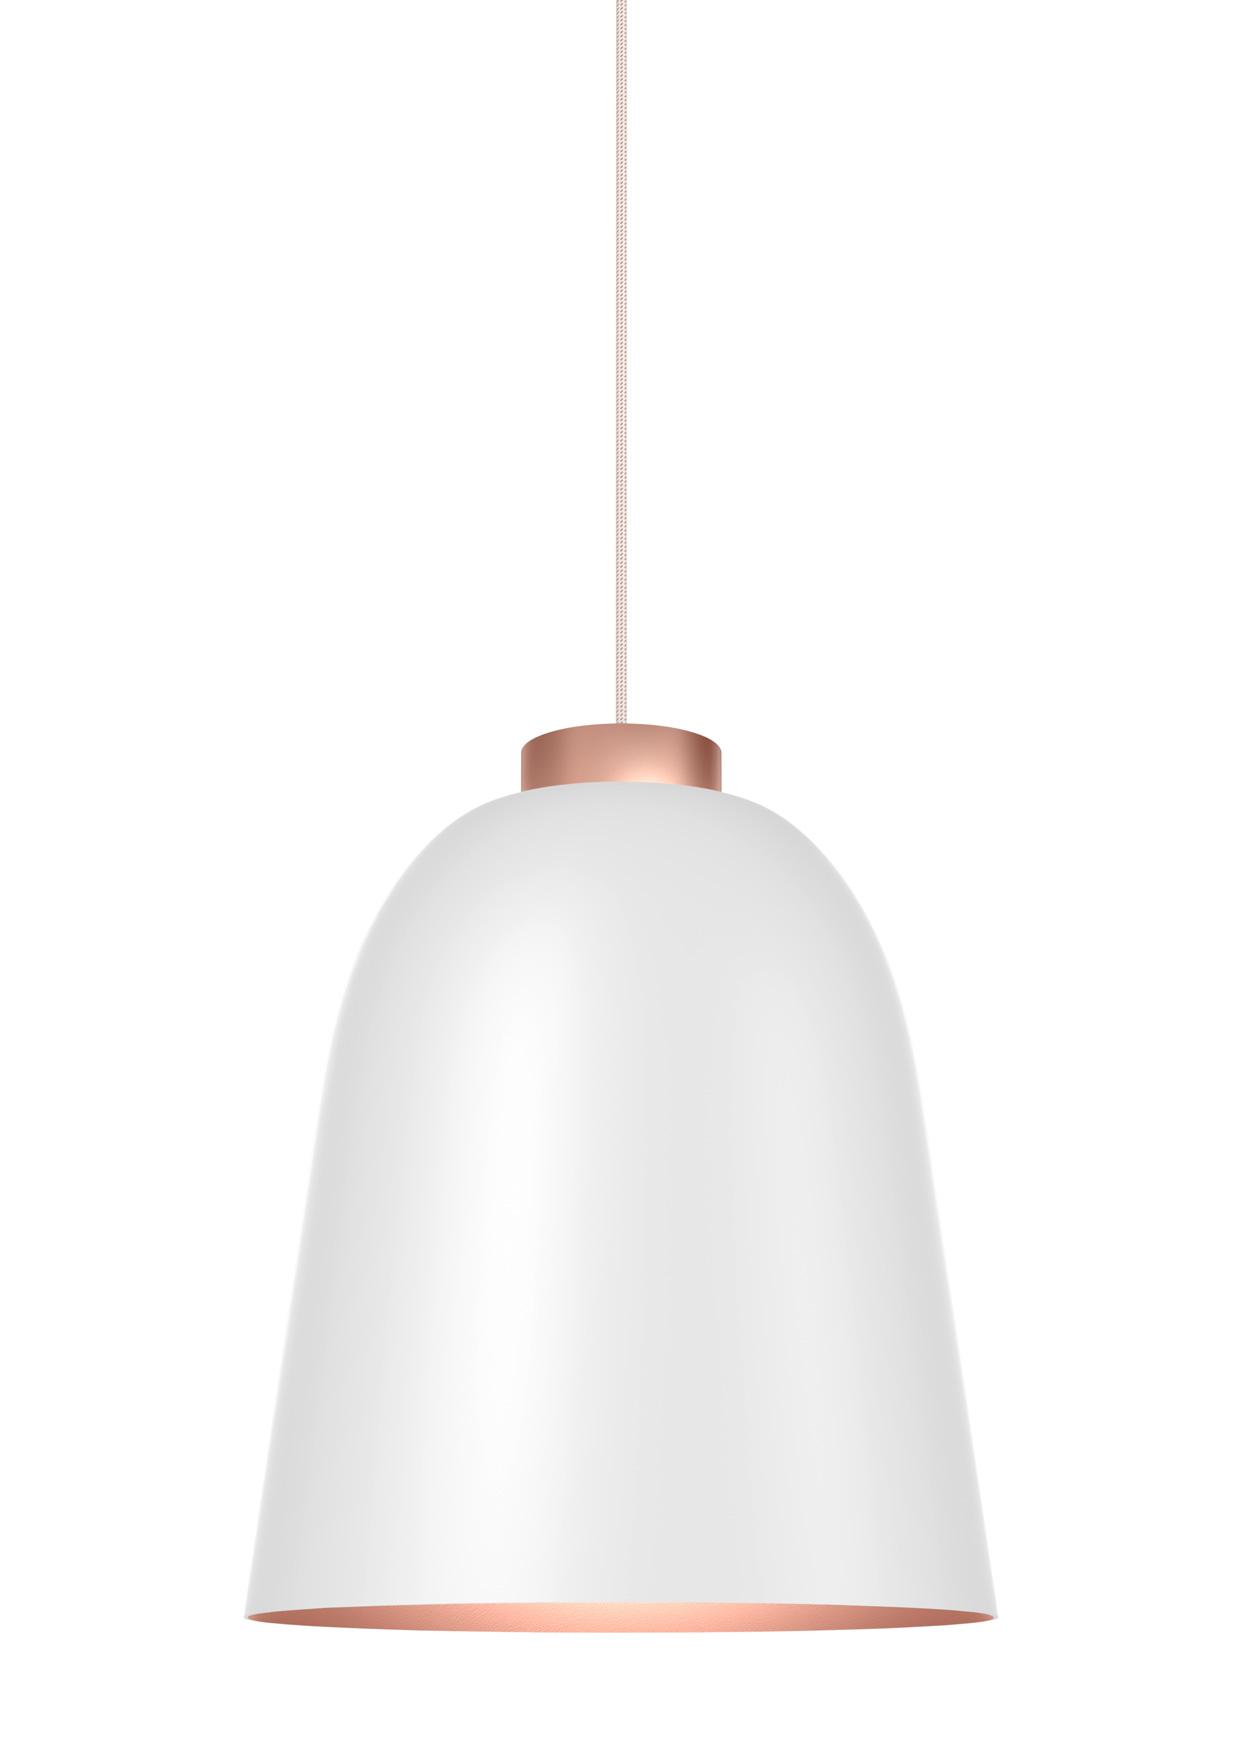 summera large lampe moderne lampe verschiedene farbe. Black Bedroom Furniture Sets. Home Design Ideas